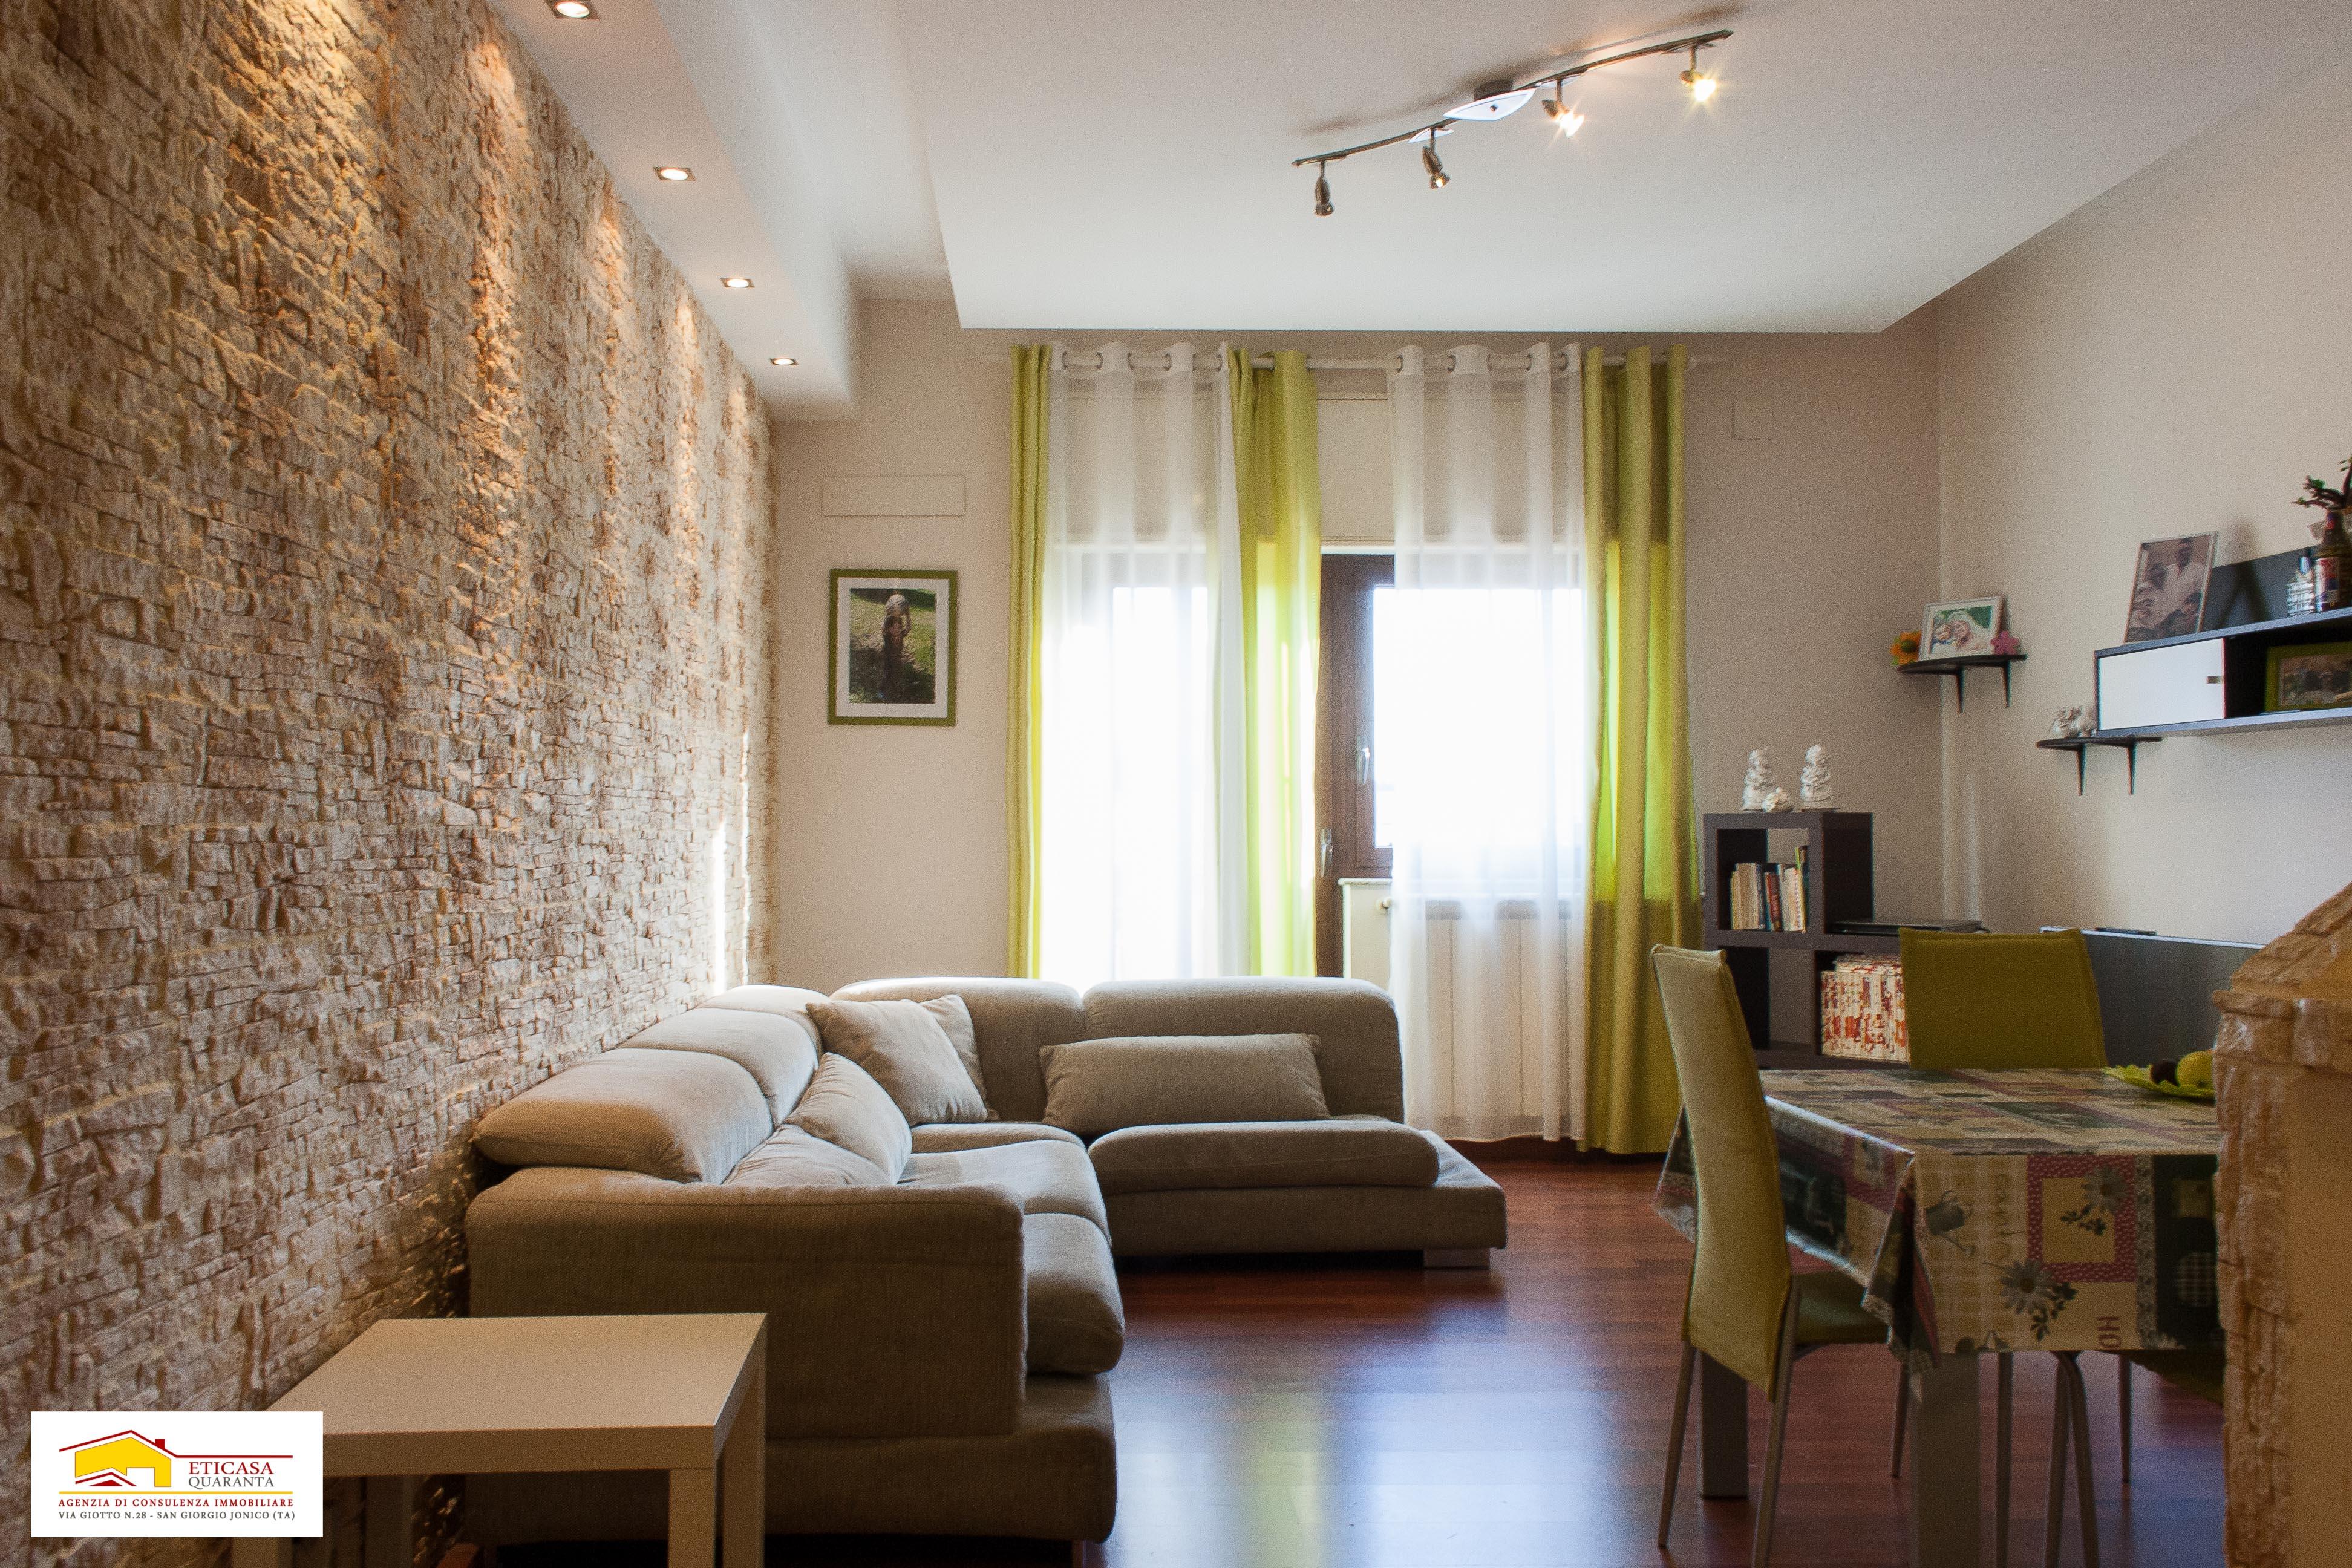 Appartamento con tavernetta e giardino in vendita a Roccaforzata (TA)